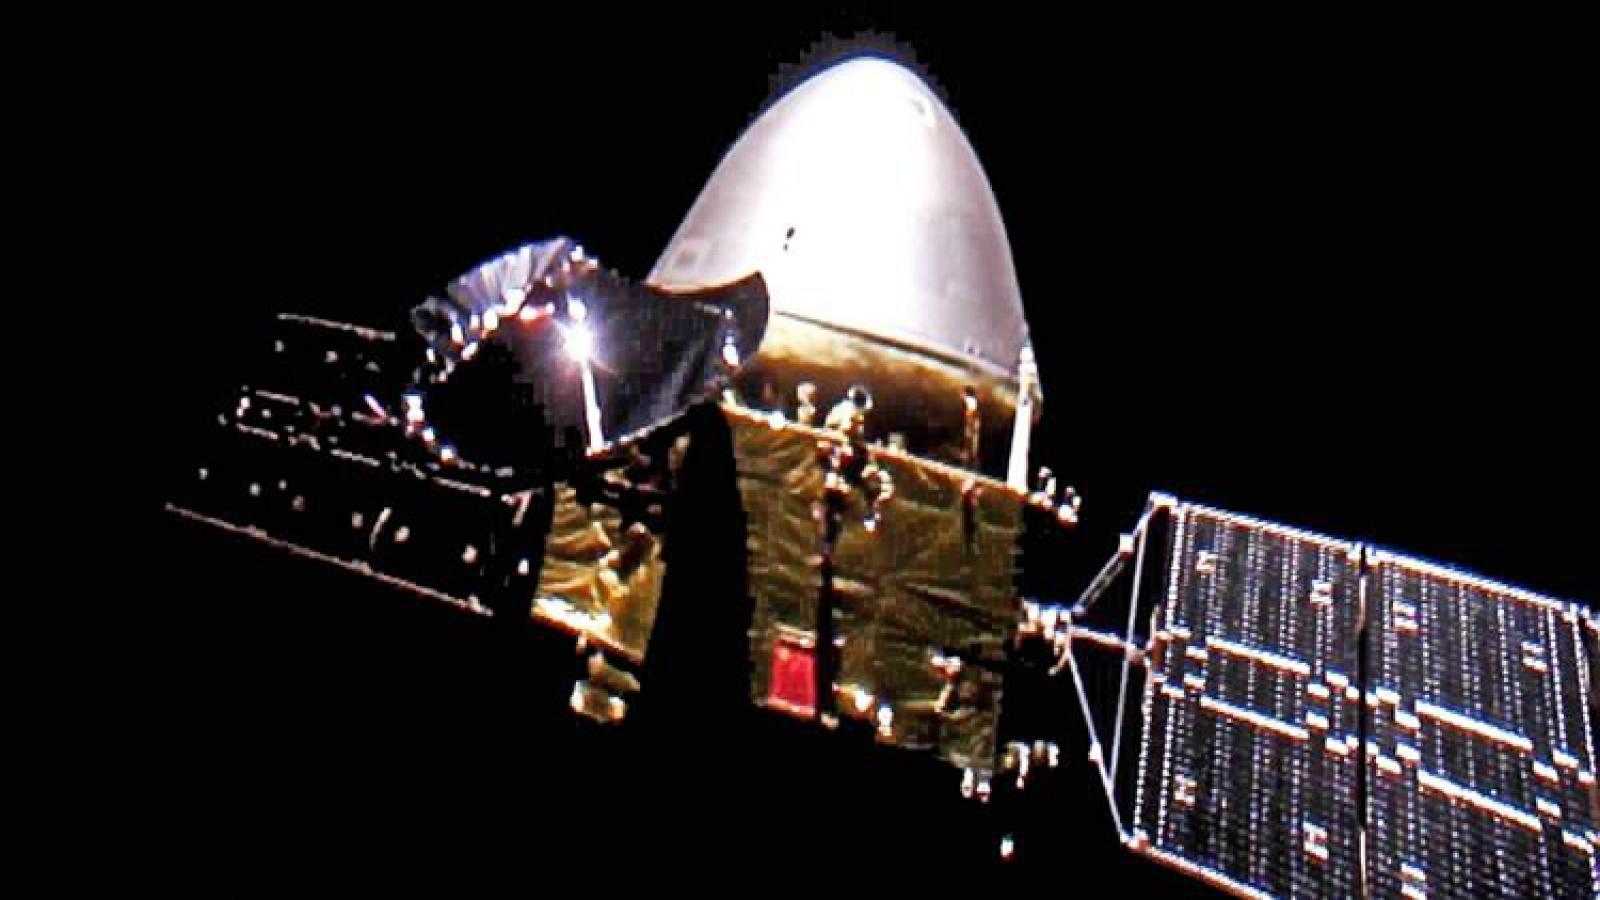 Tàu thám hiểm Thiên Vấn 1 của Trung Quốc tiến vào quỹ đạo sao Hỏa thành công